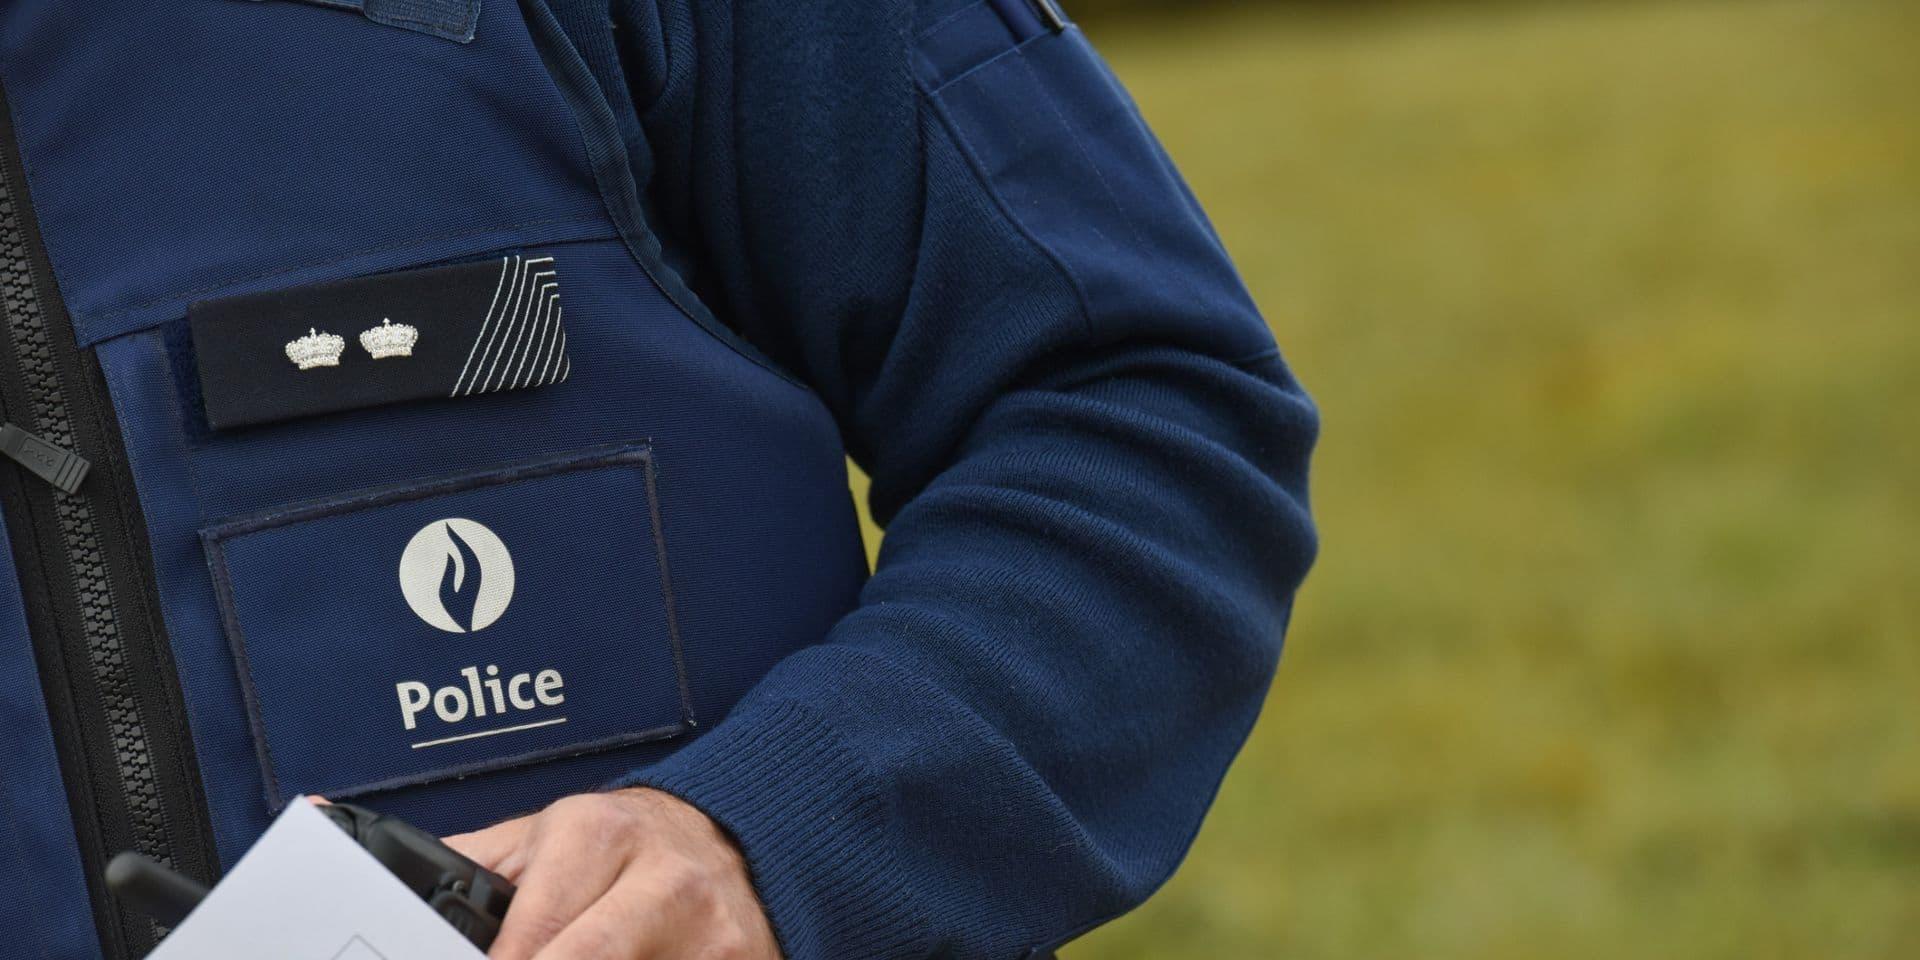 709 procès-verbaux pour non-respect du couvre-feu en province de Namur